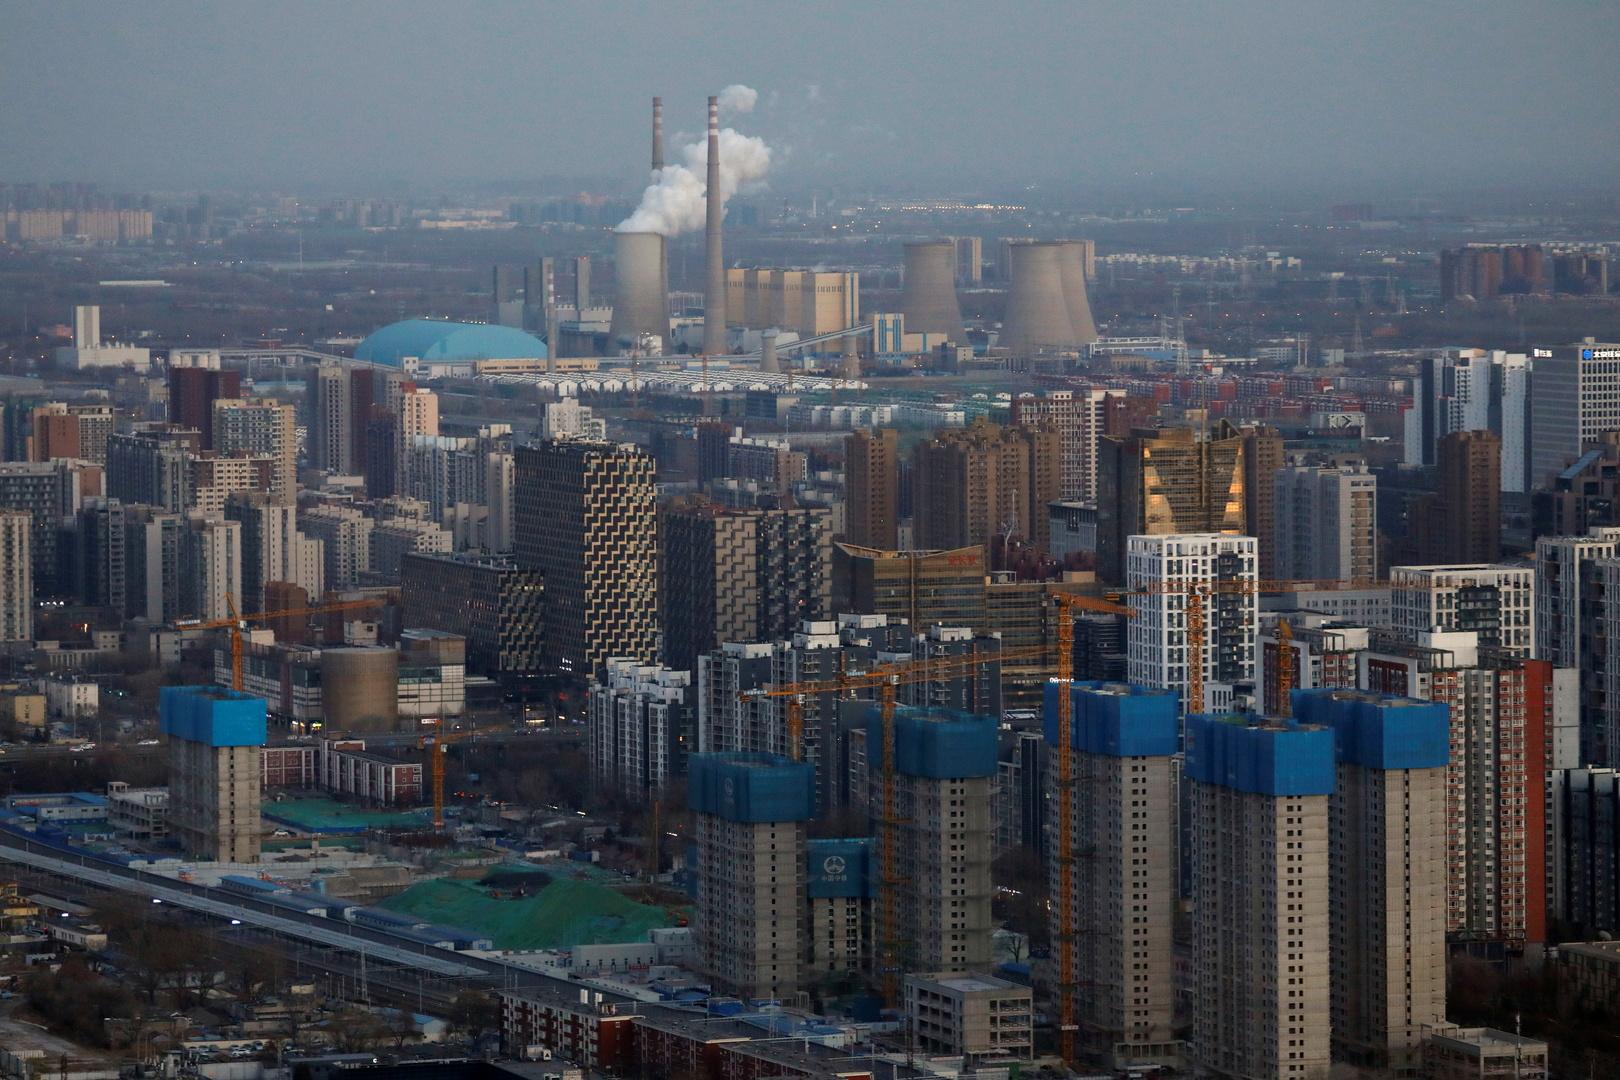 مشاريع سكنية في العاصمة الصينية بكين.